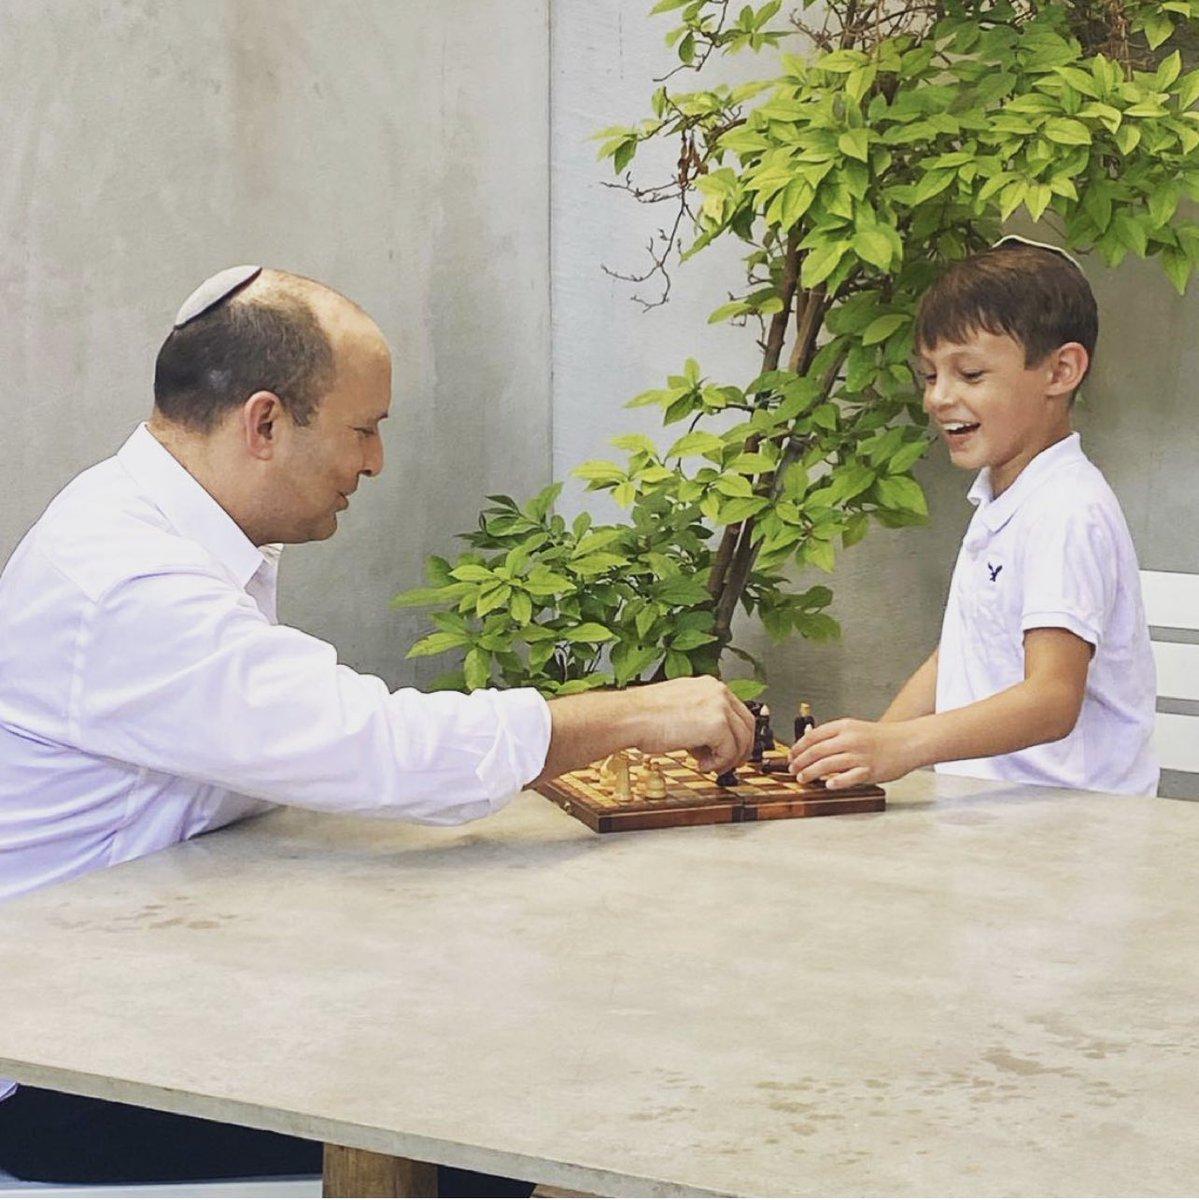 De aanstaande premier van Israël, @naftalibennett, schakend met zijn zoontje. https://t.co/52X0DJ6U1T